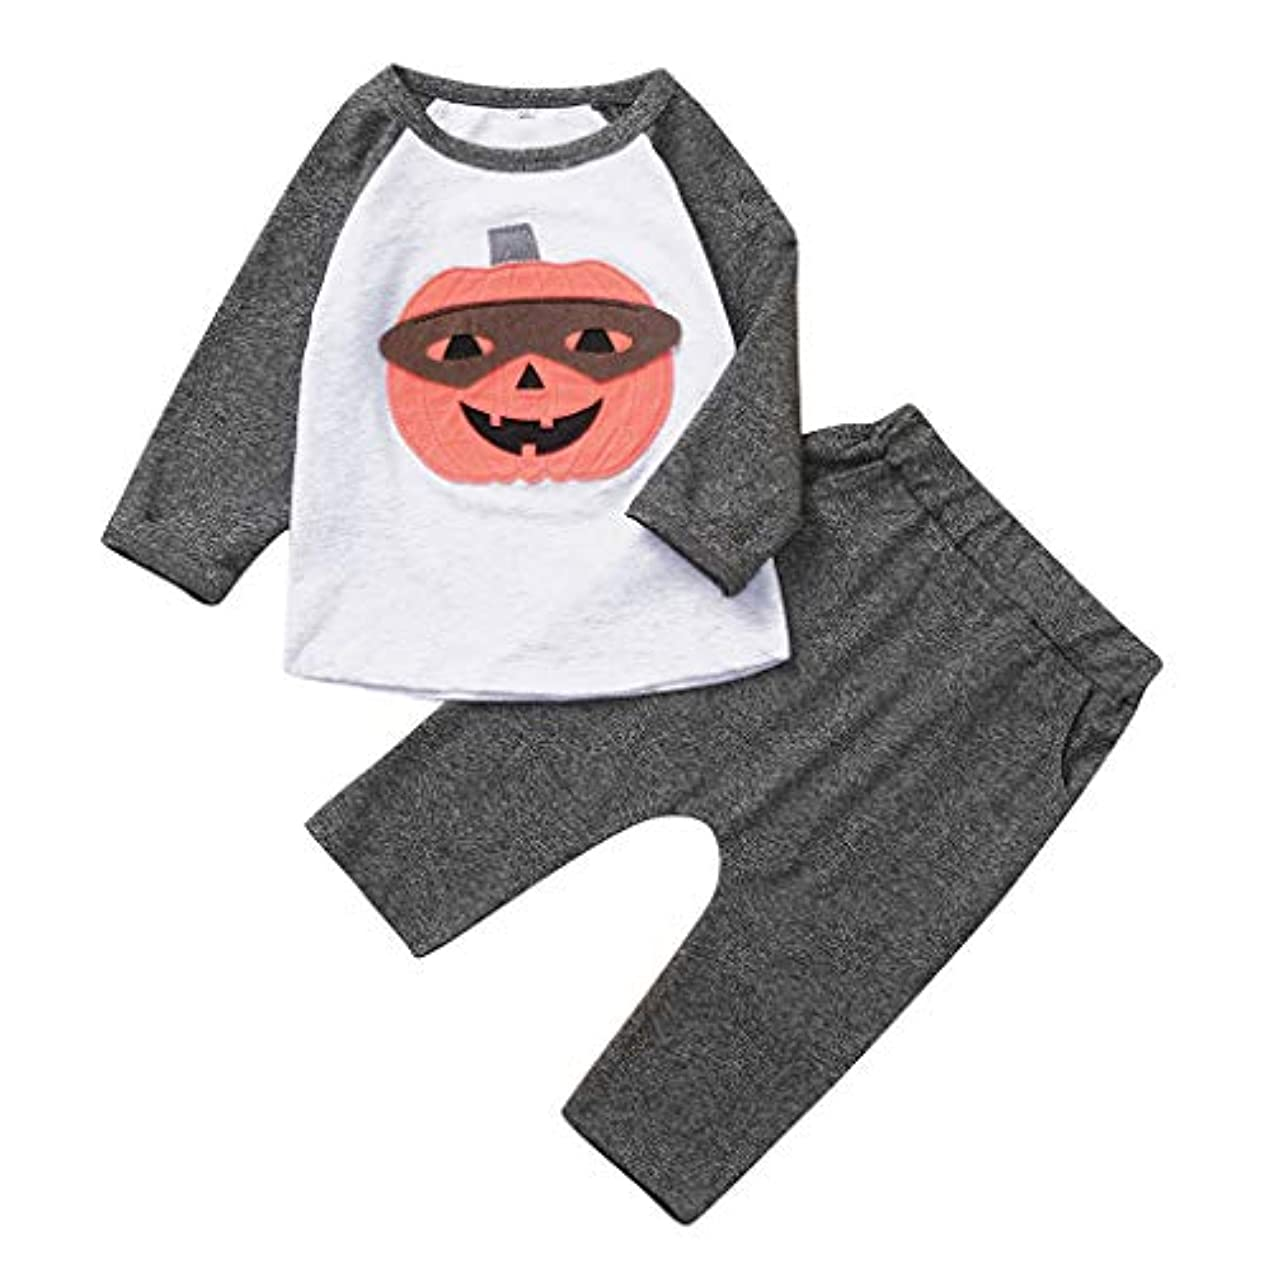 ギャラントリーコークス彼女自身MISFIY ハロウィーン キッズ 子供 新生児 ベビー服 上下セット かぼちゃ パジャマ 肌着 かわいい 柔らかい 誕生記念 出産祝い 寝相アート